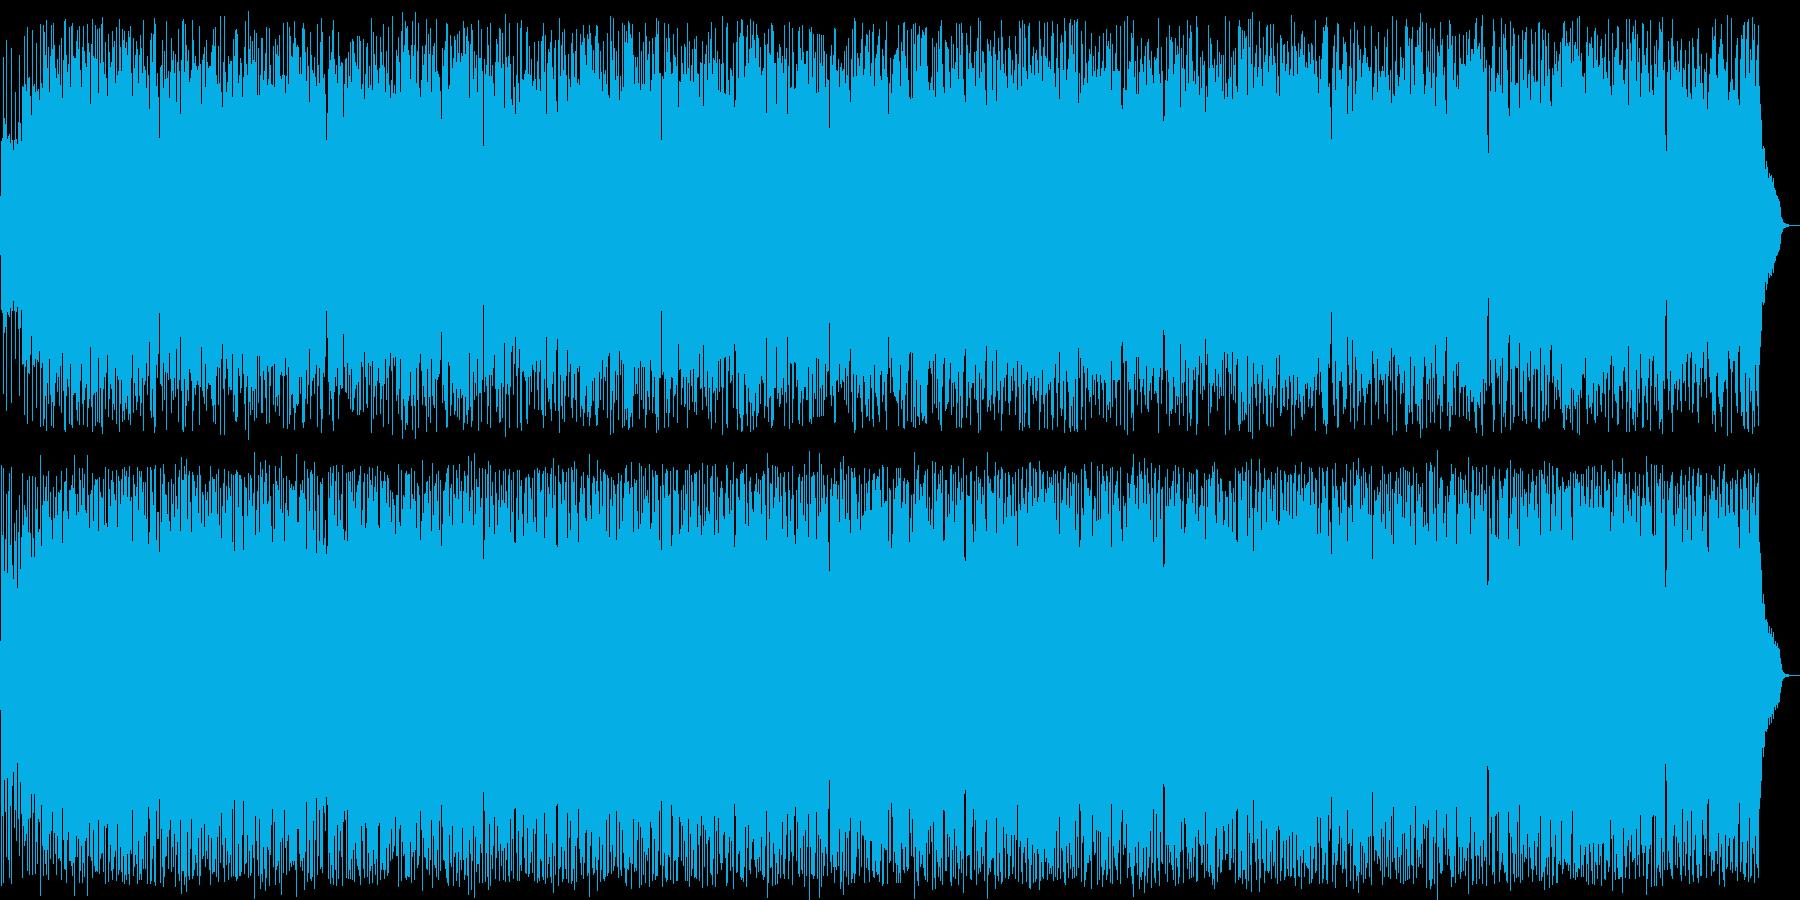 陽気なシンセサイザーサウンドの再生済みの波形